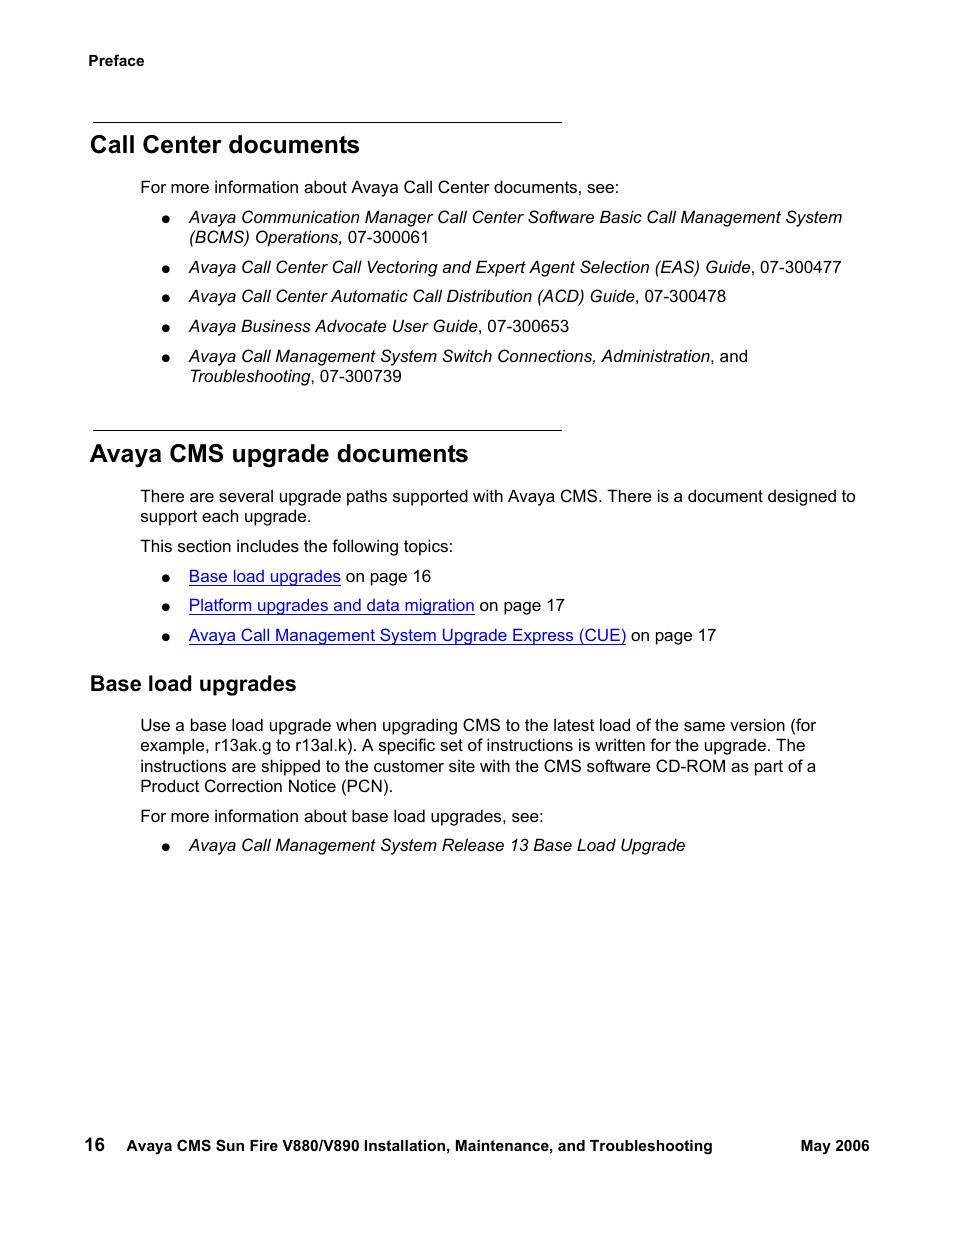 Call center documents, Avaya cms upgrade documents, Base